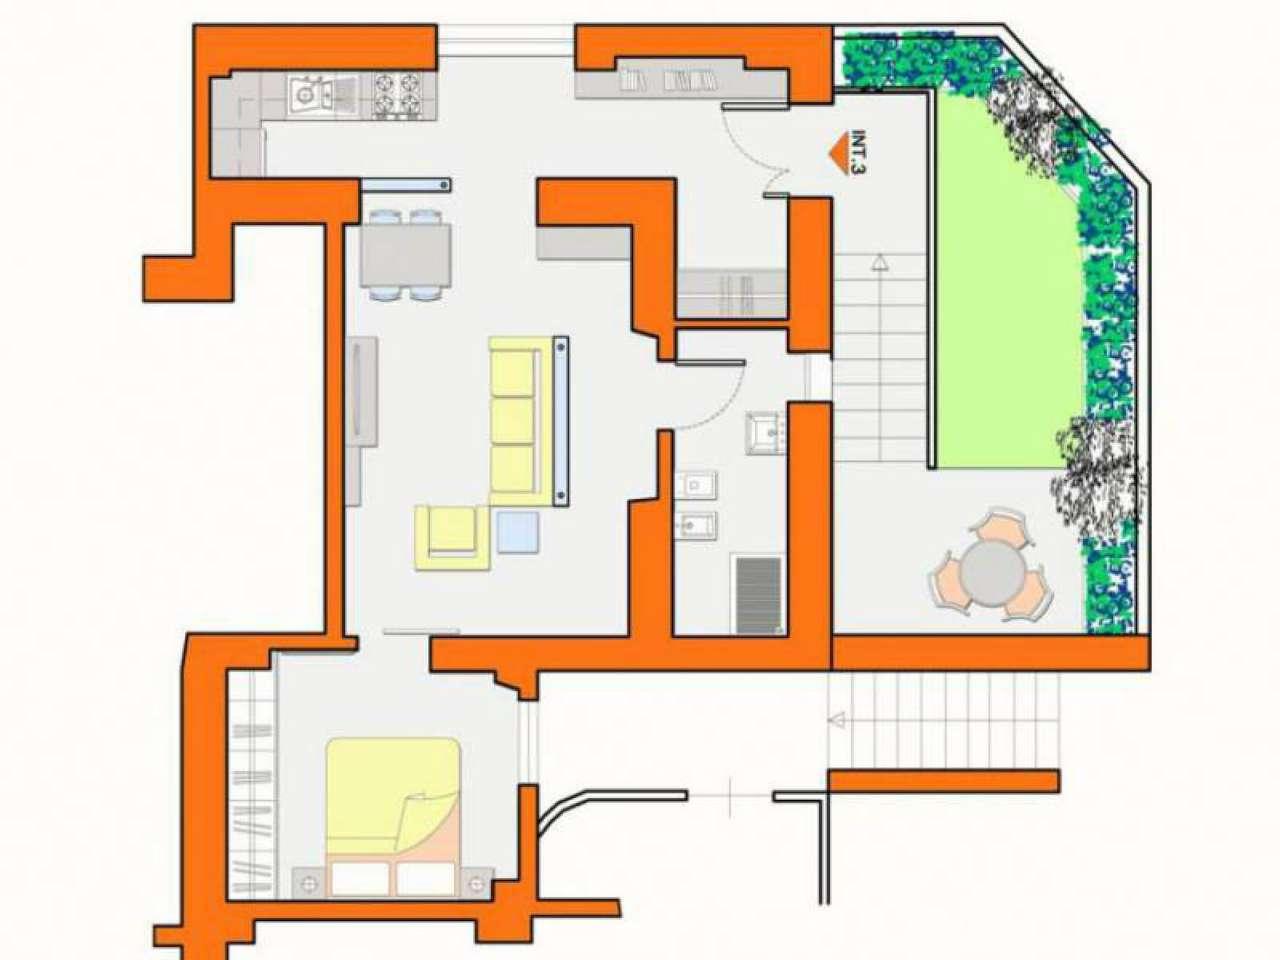 Appartamento in affitto a Guidonia Montecelio, 2 locali, prezzo € 350 | Cambio Casa.it